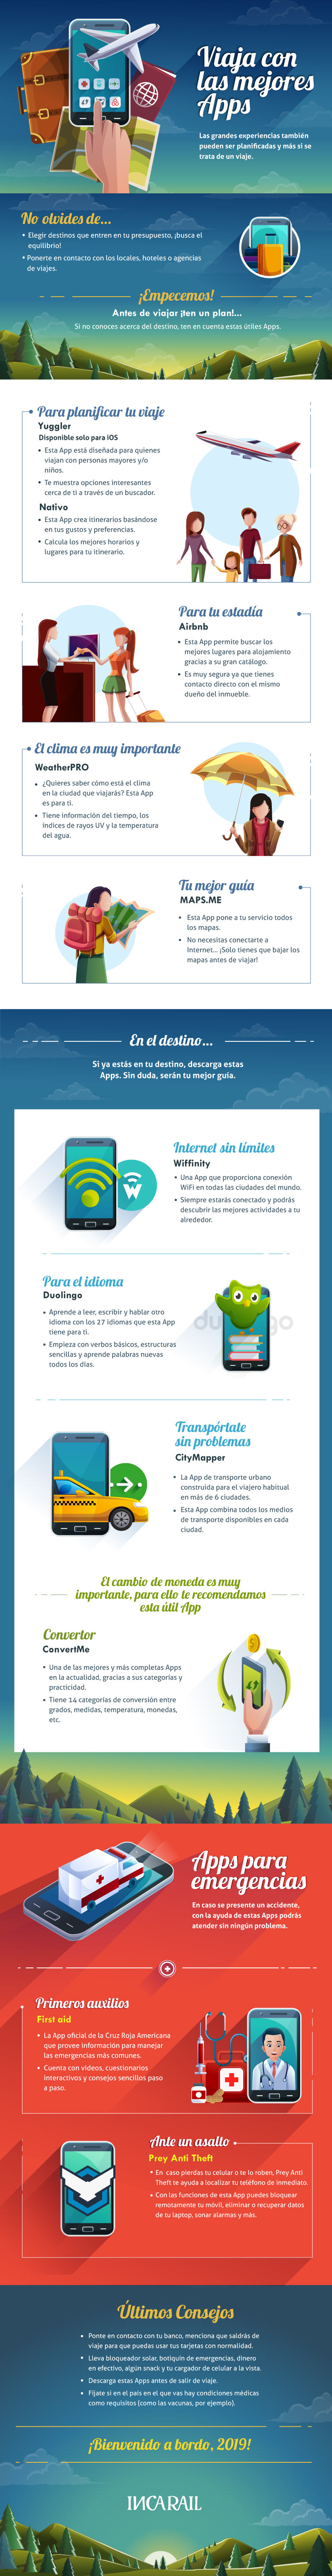 [infografía] Las mejores apps para viajar - apps-para-viajar_1